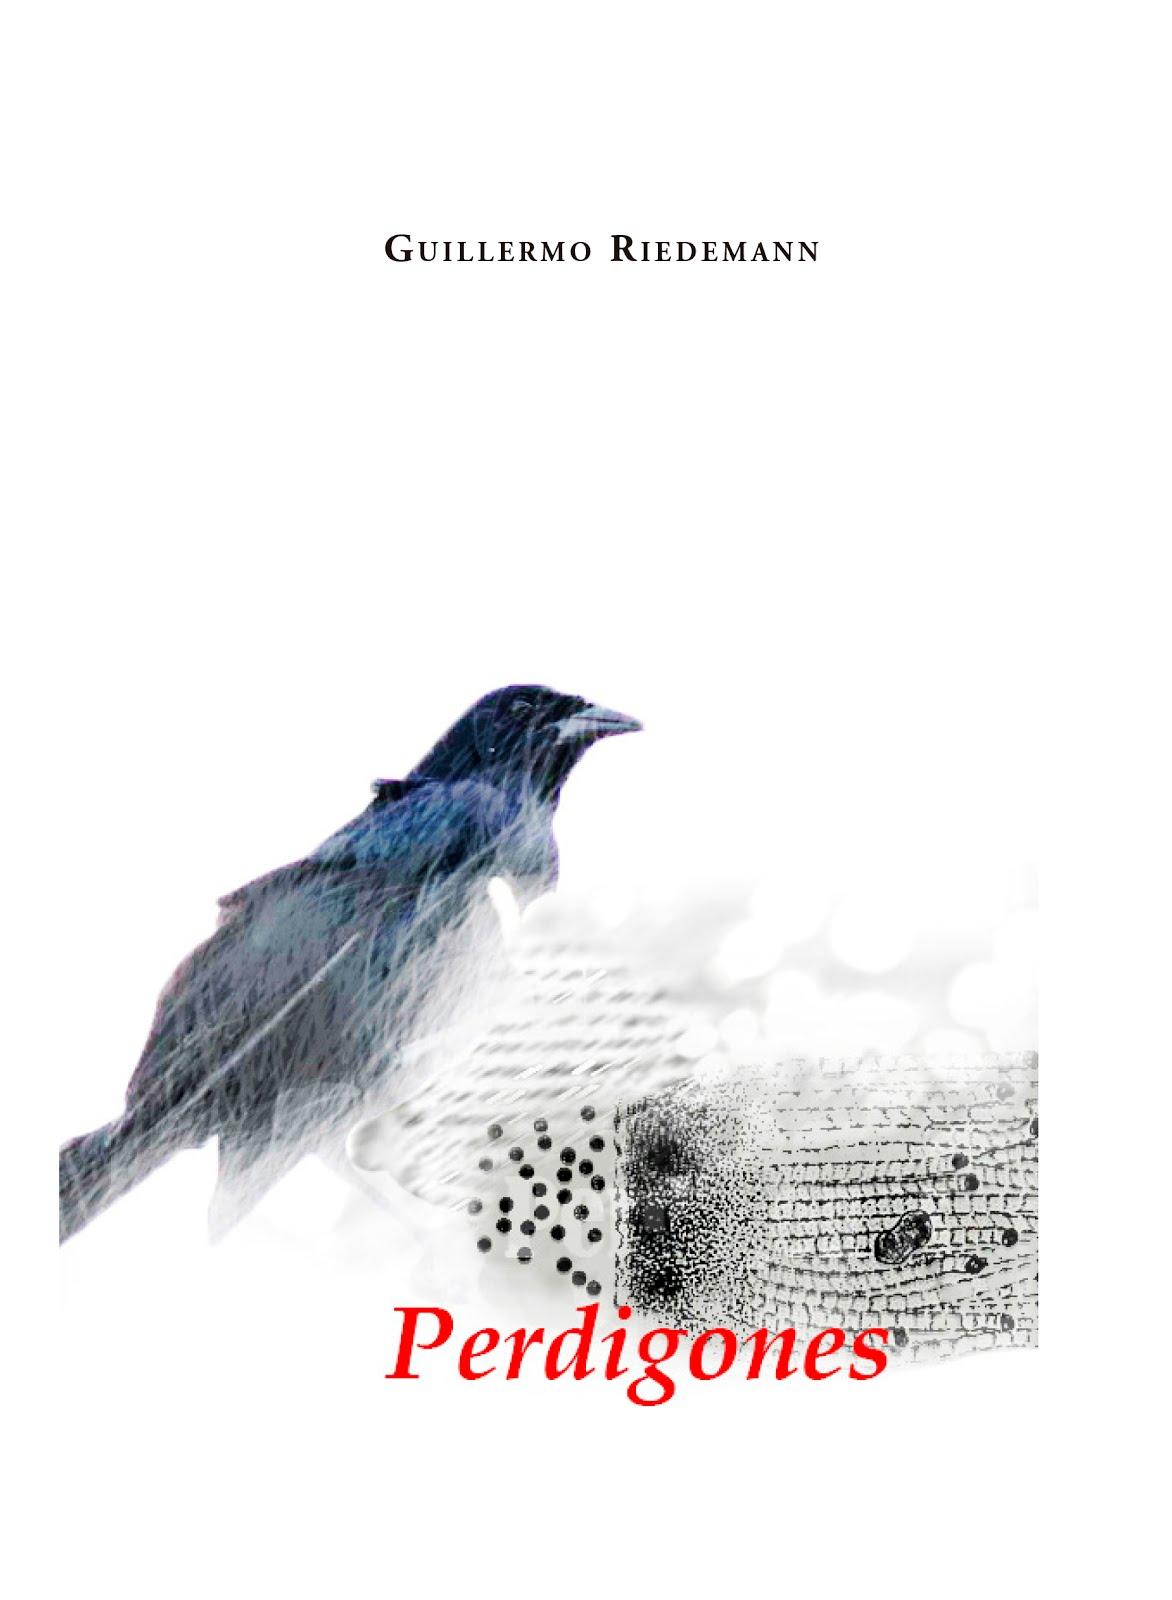 Perdigones